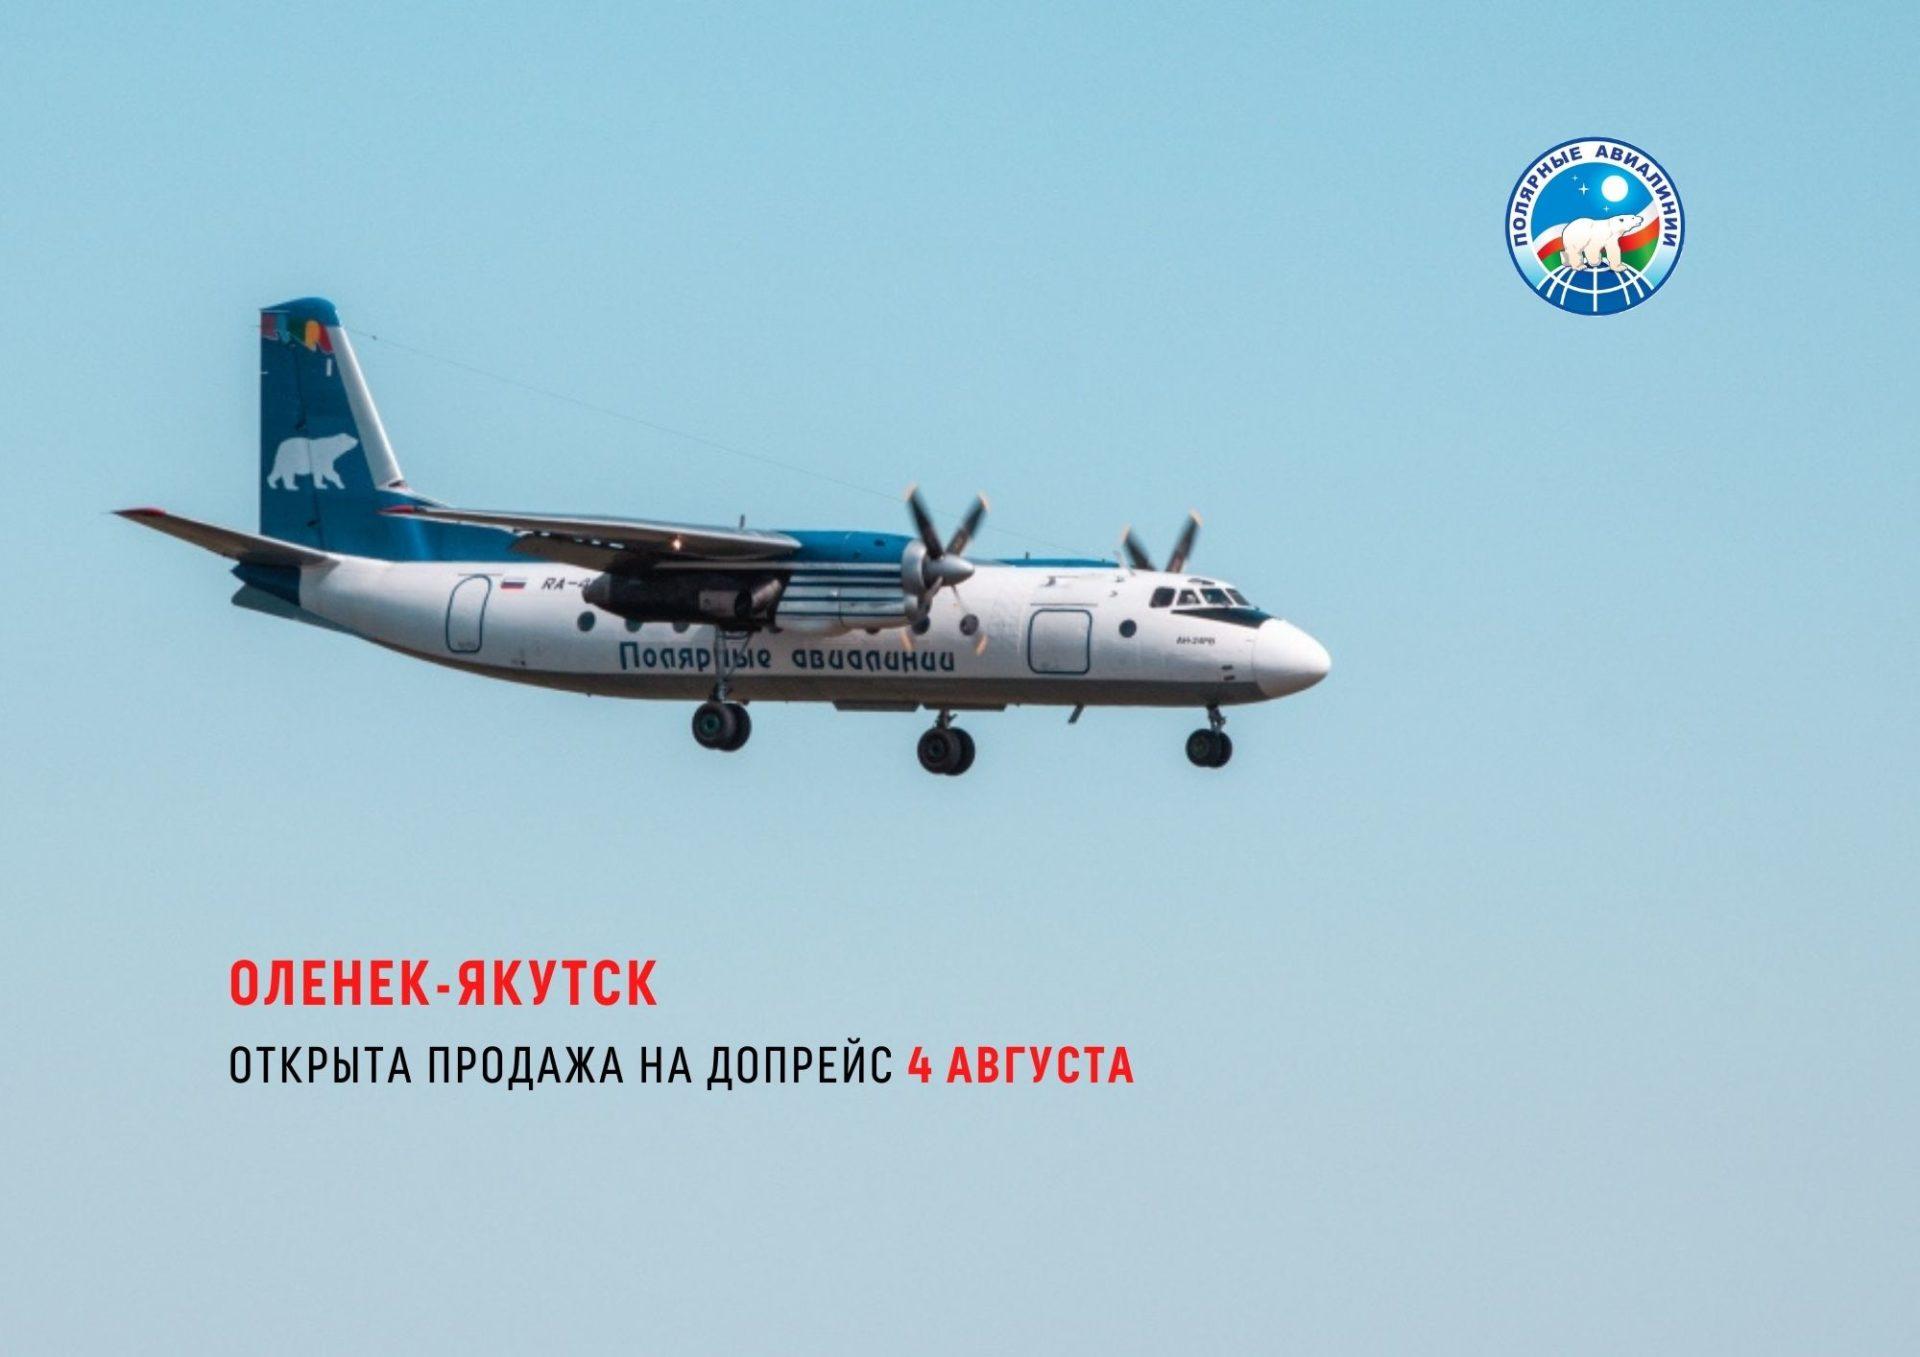 Открыта продажа на дополнительный рейс из Оленька на 4 августа